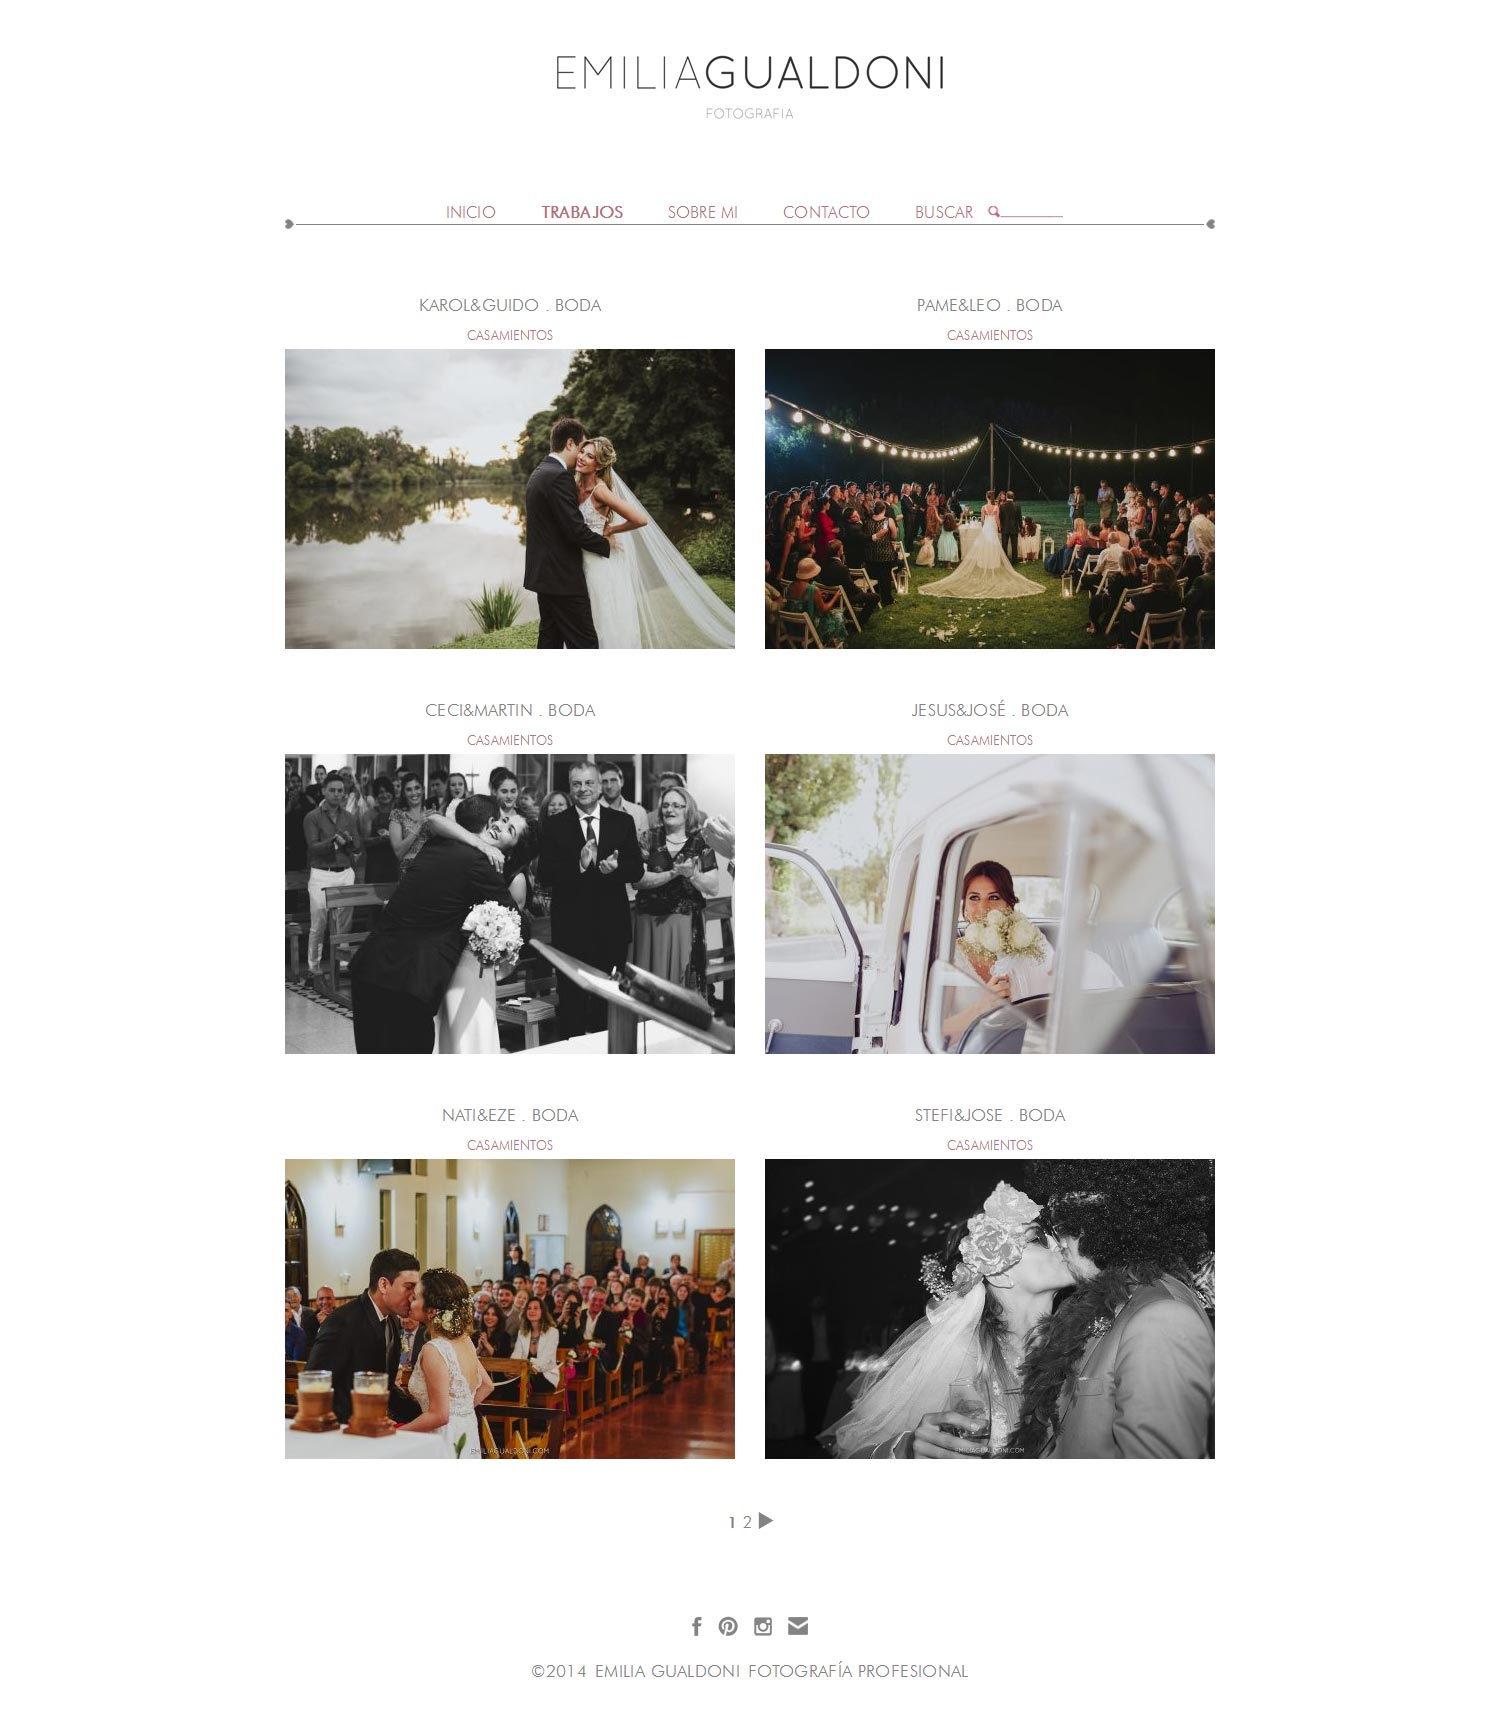 Fotografías de bodas de Emilia Gualdoni en su web